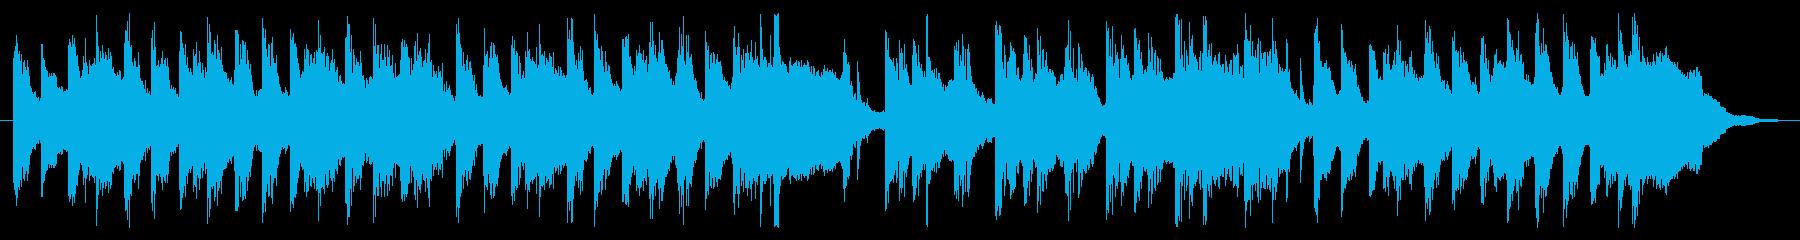 ほのぼのゲームのタイトルやメニューBGMの再生済みの波形